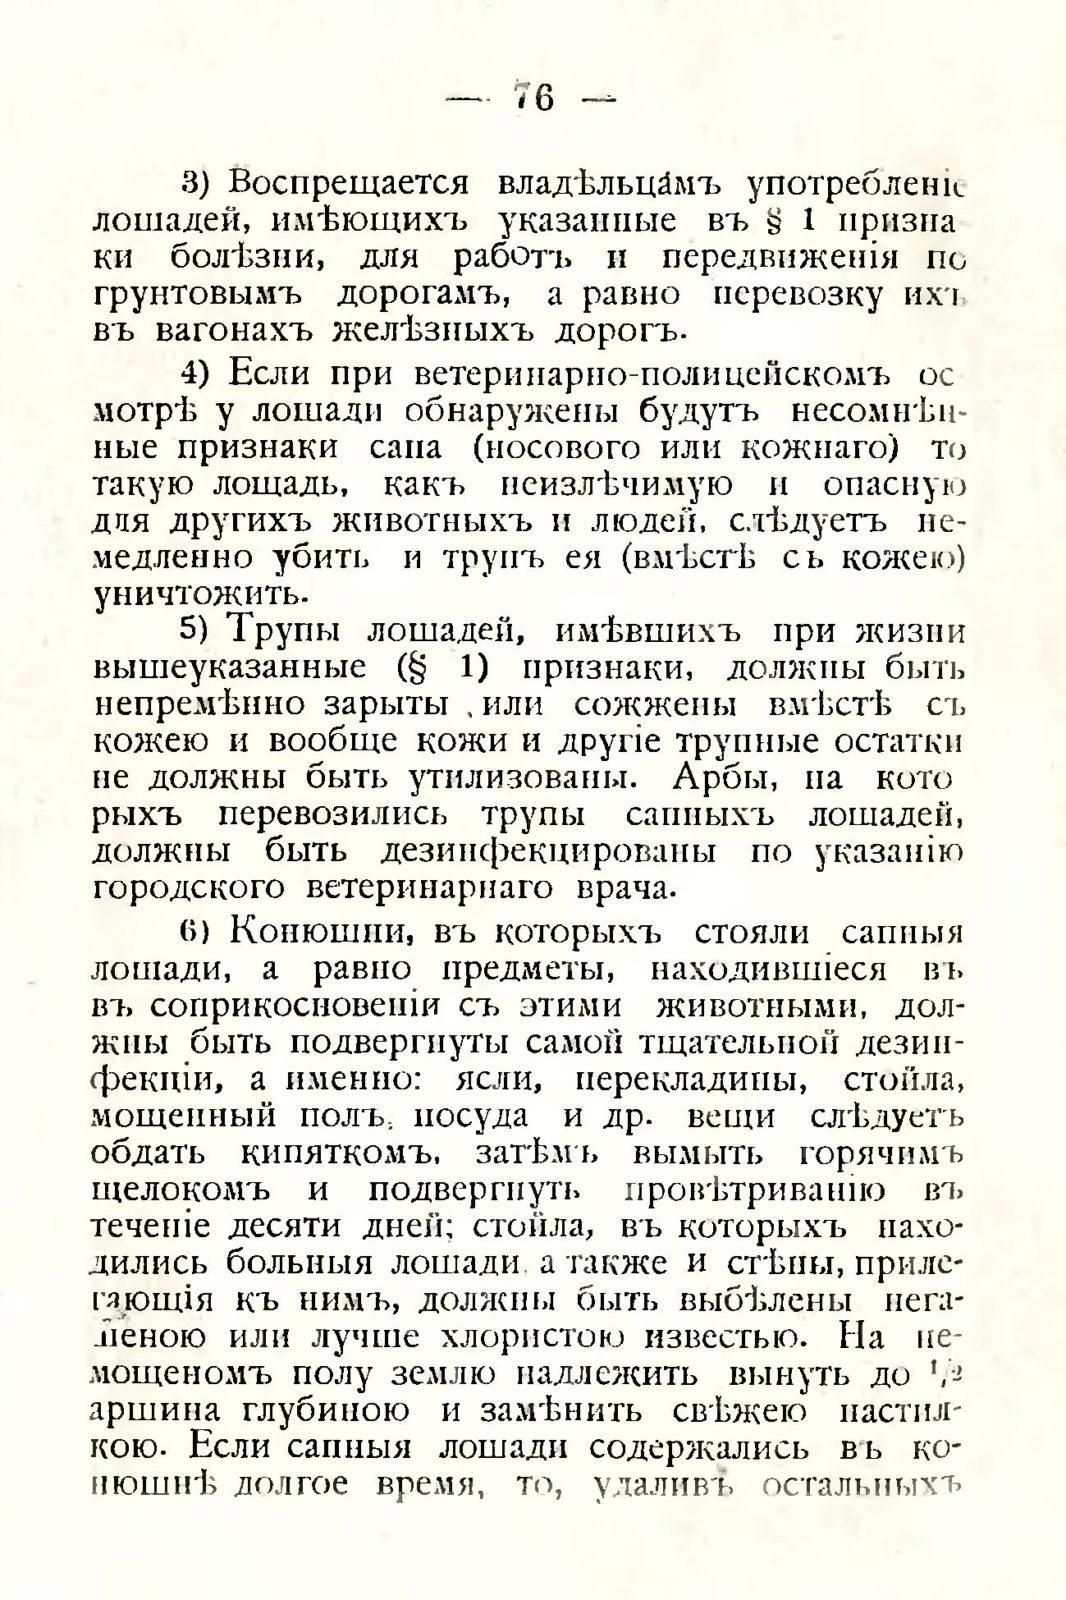 sbornik_obyazatelnyh_postanovlenii_tashkentskoi_gorodskoi_du_80